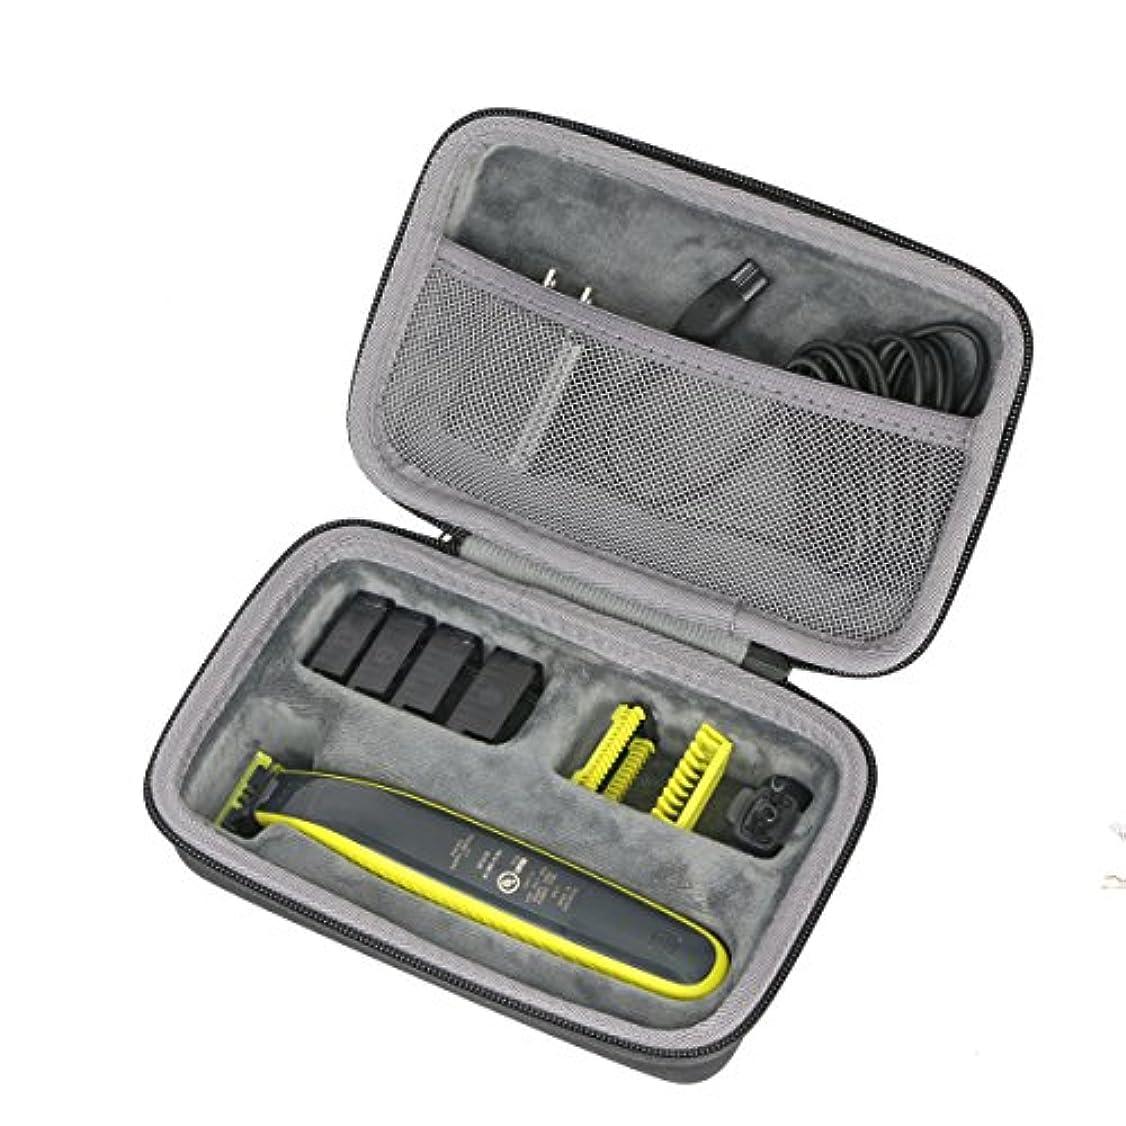 失われた記念碑的な雑多なPhilips Norelco OneBlade Hybrid Rechargeable Trimmer QP2630/70ノ専用旅行収納 デザインノco2CREA バッグ